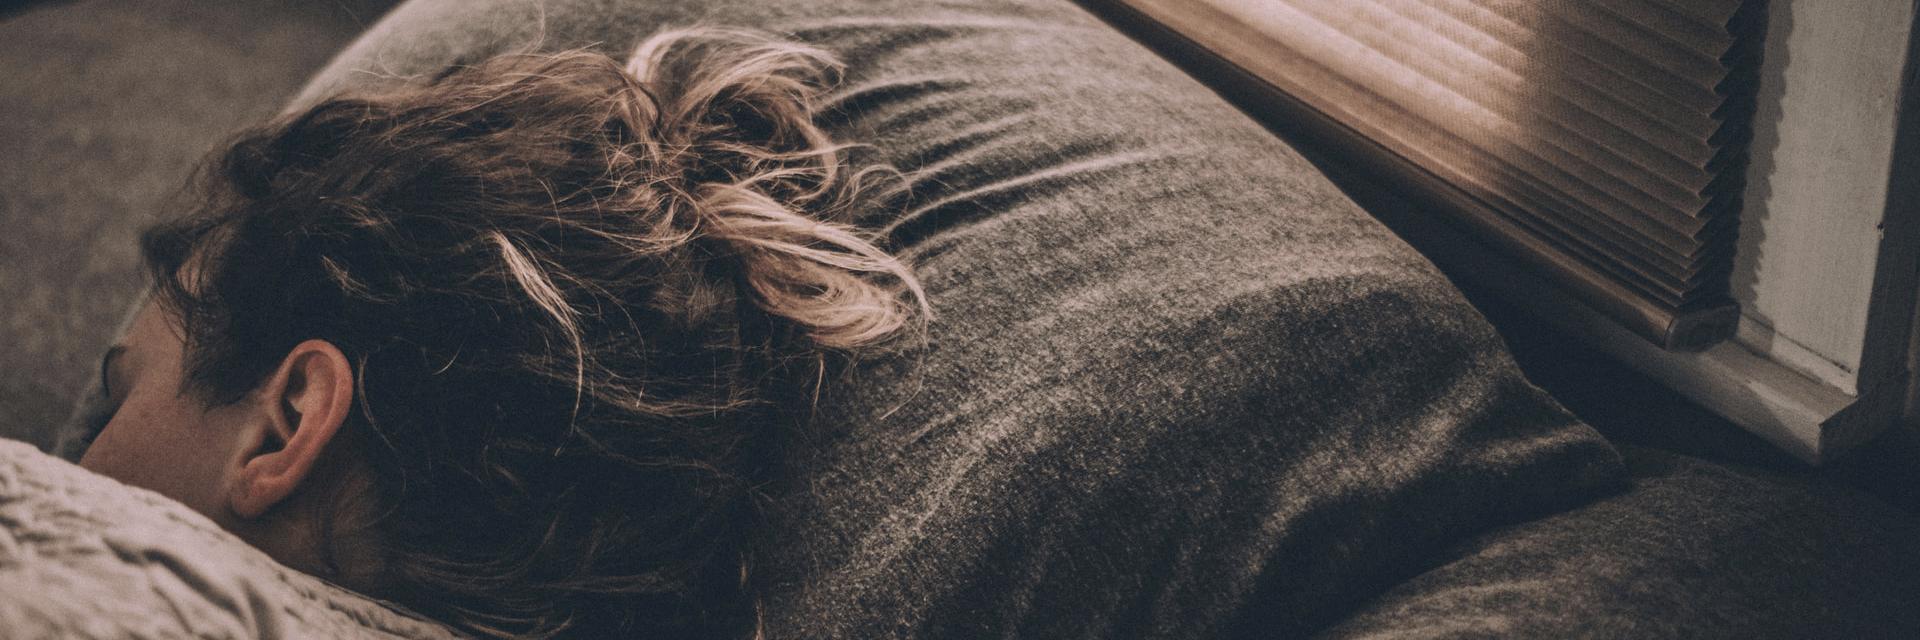 why we sleep NDrive Blog